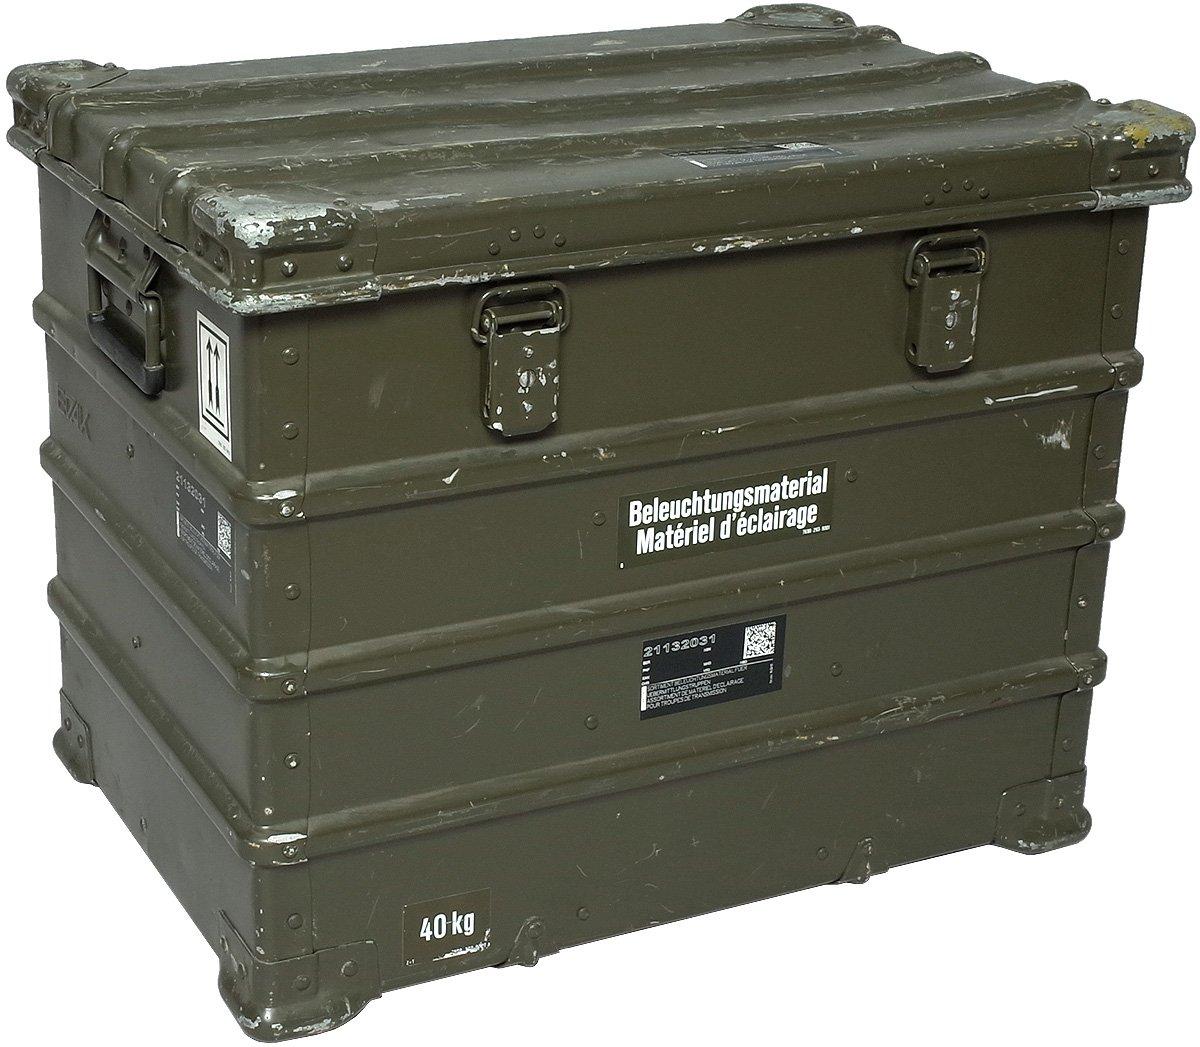 スイス軍 A10 アルミコンテナ USED B075H7KD3V